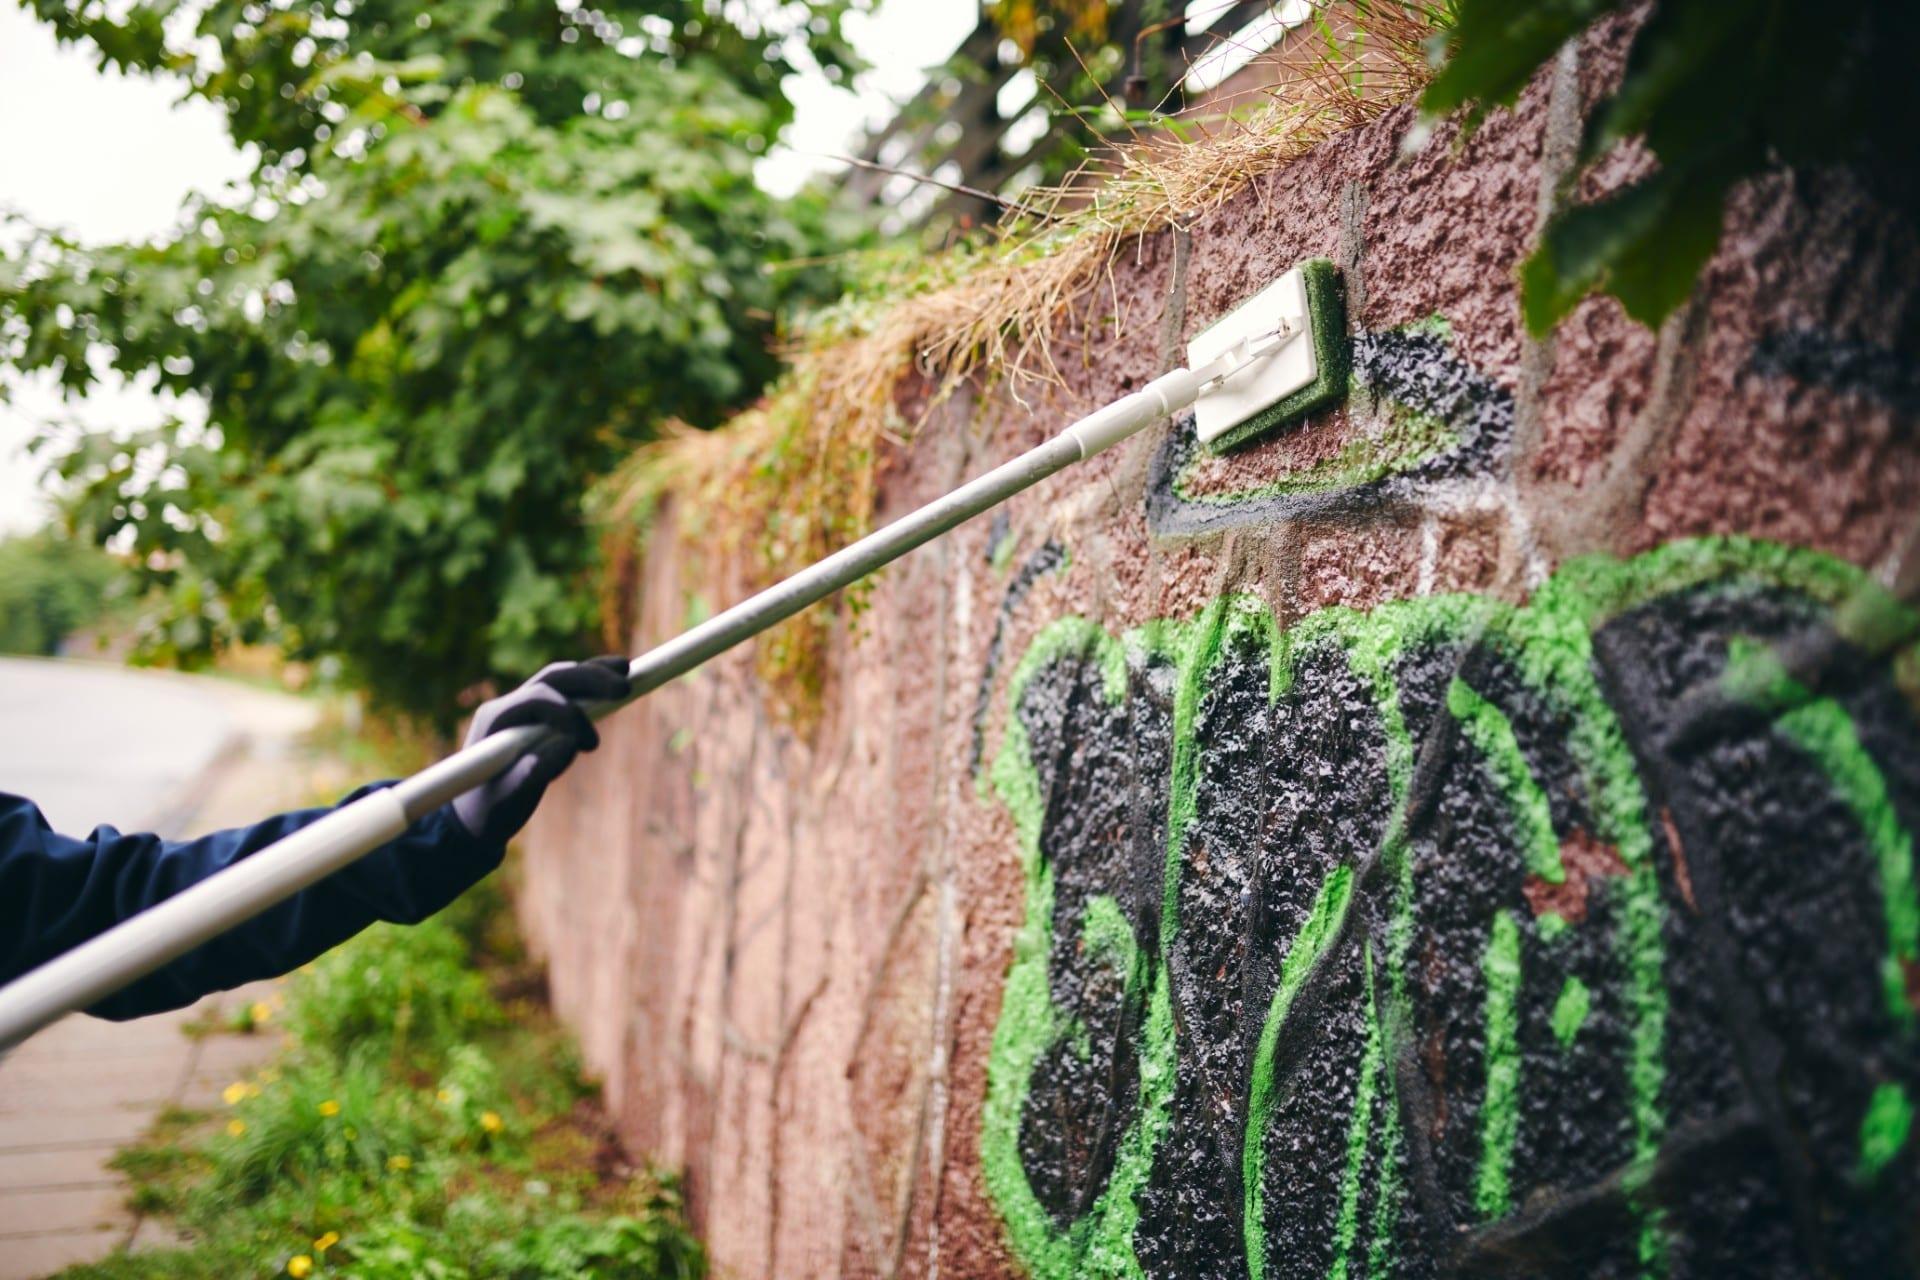 Renell-medarbejder fjerner grafitti på mur